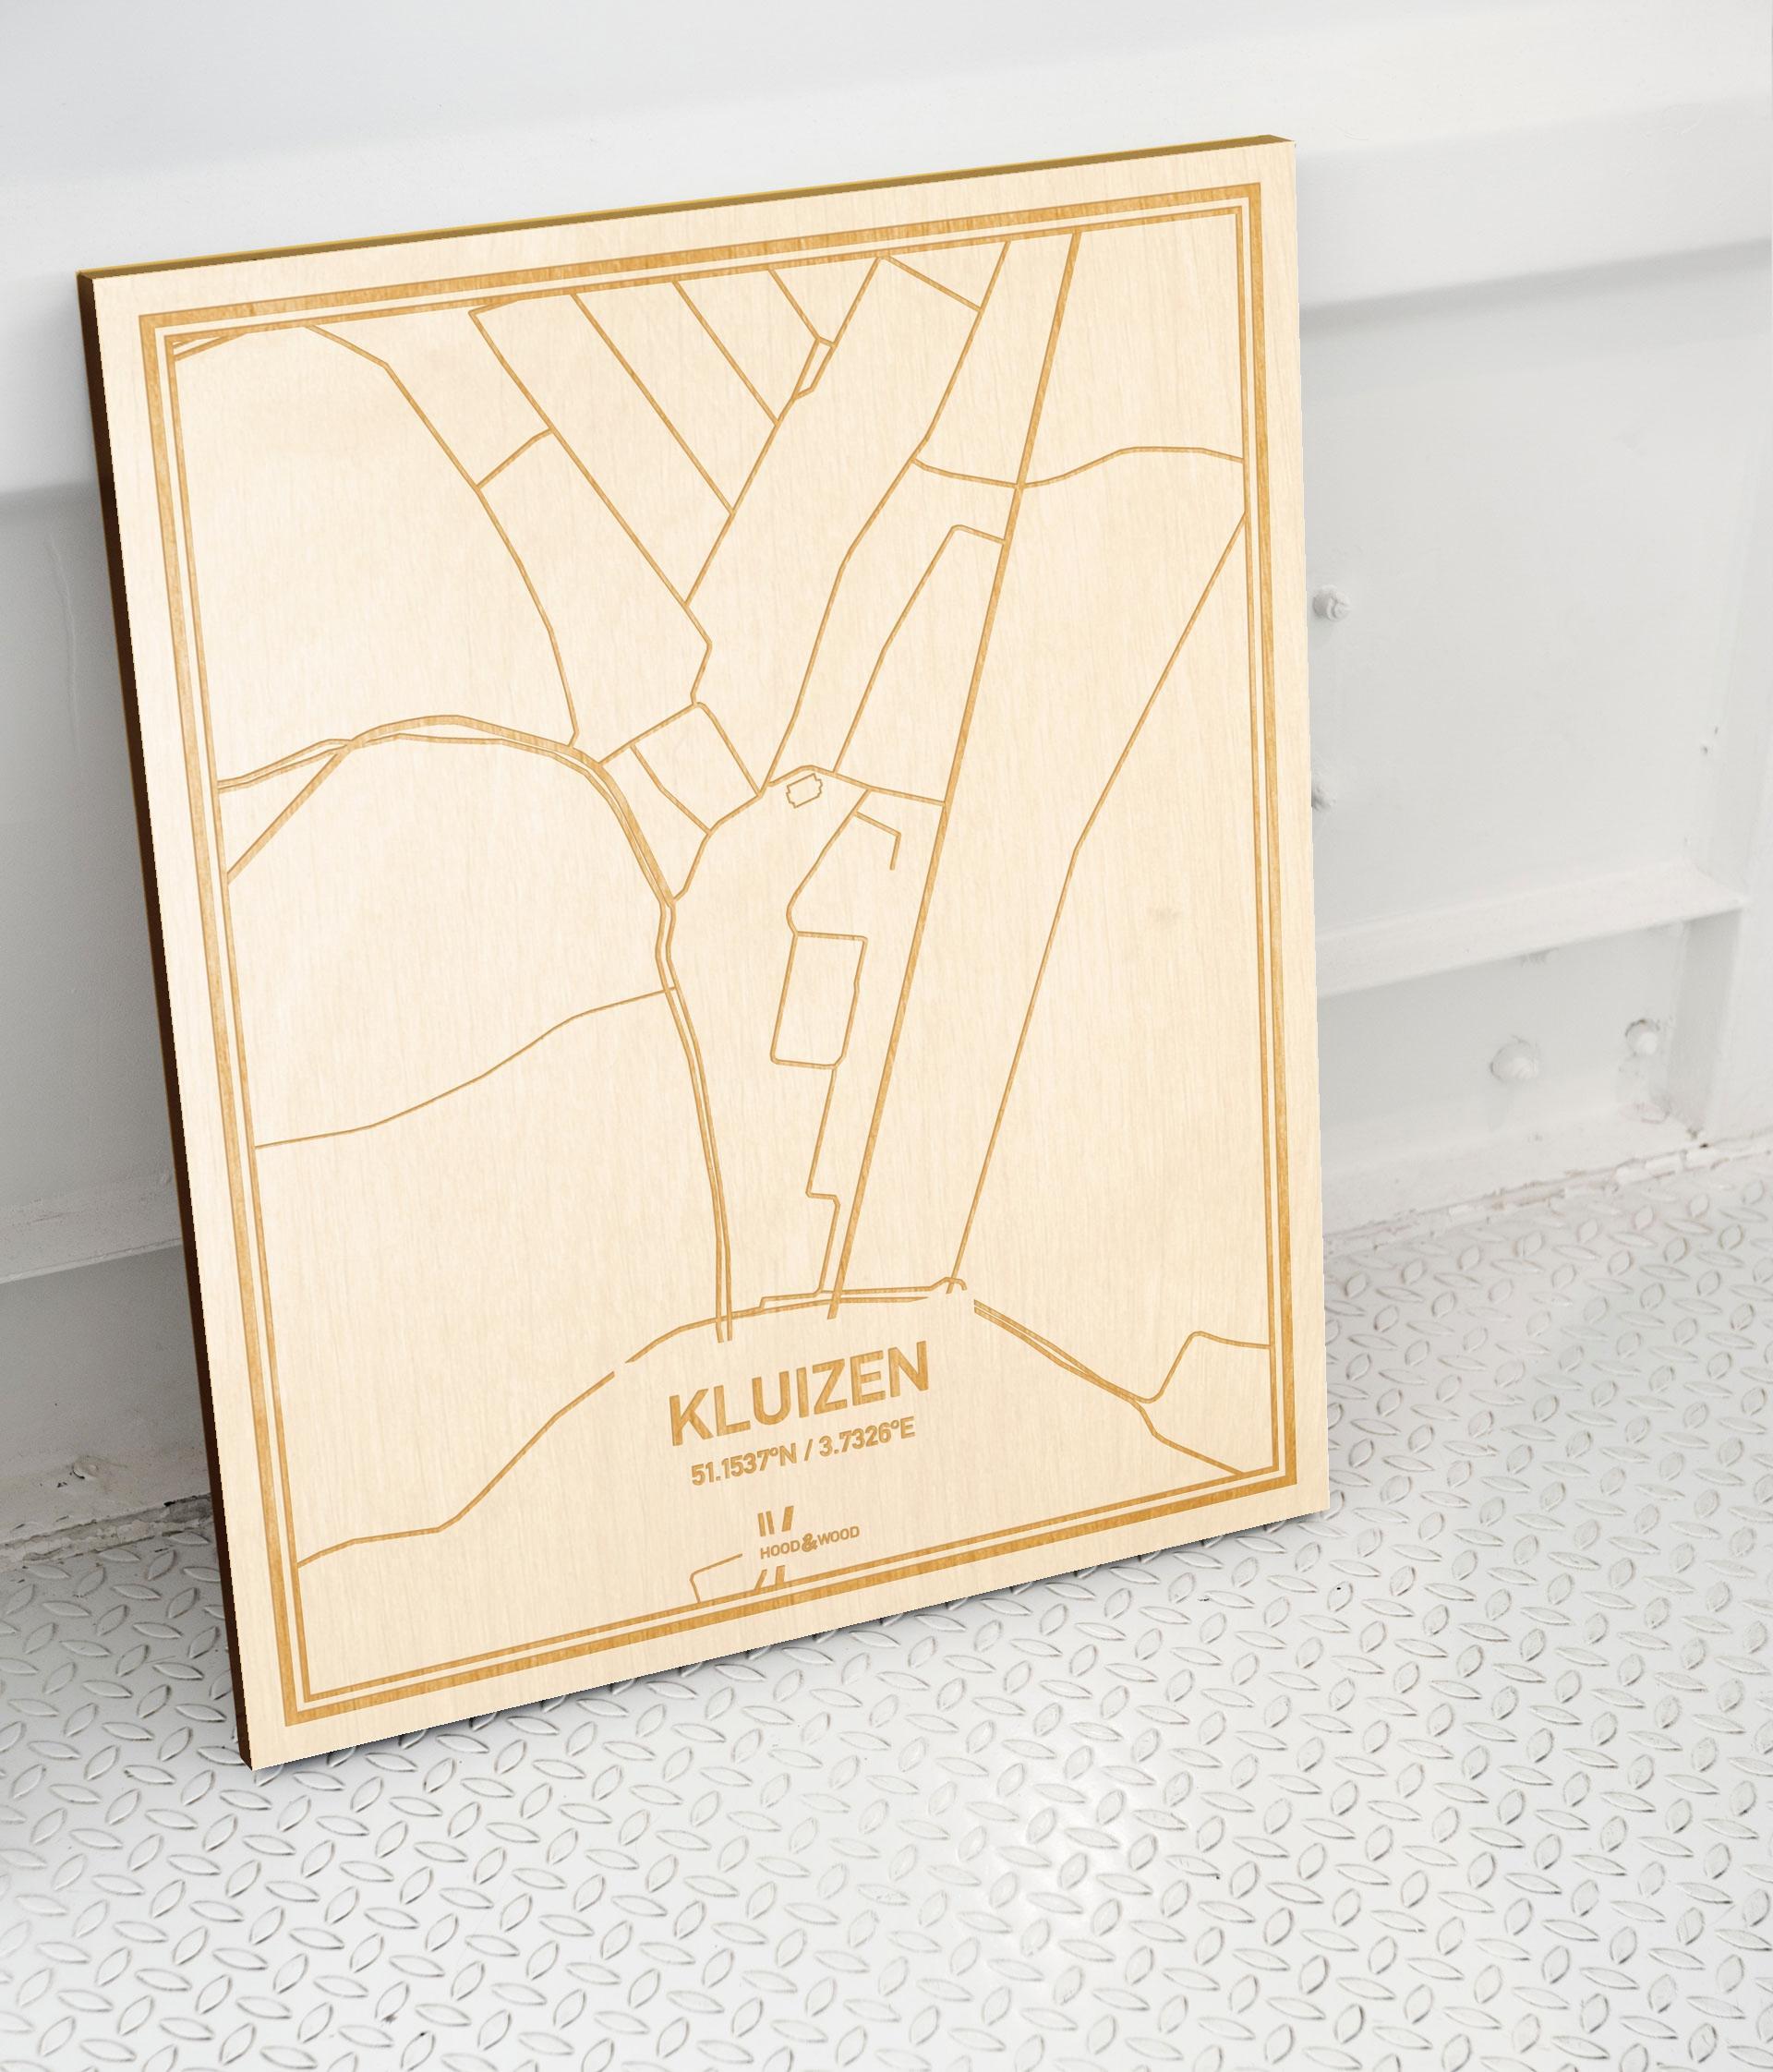 Plattegrond Kluizen als prachtige houten wanddecoratie. Het warme hout contrasteert mooi met de witte muur.